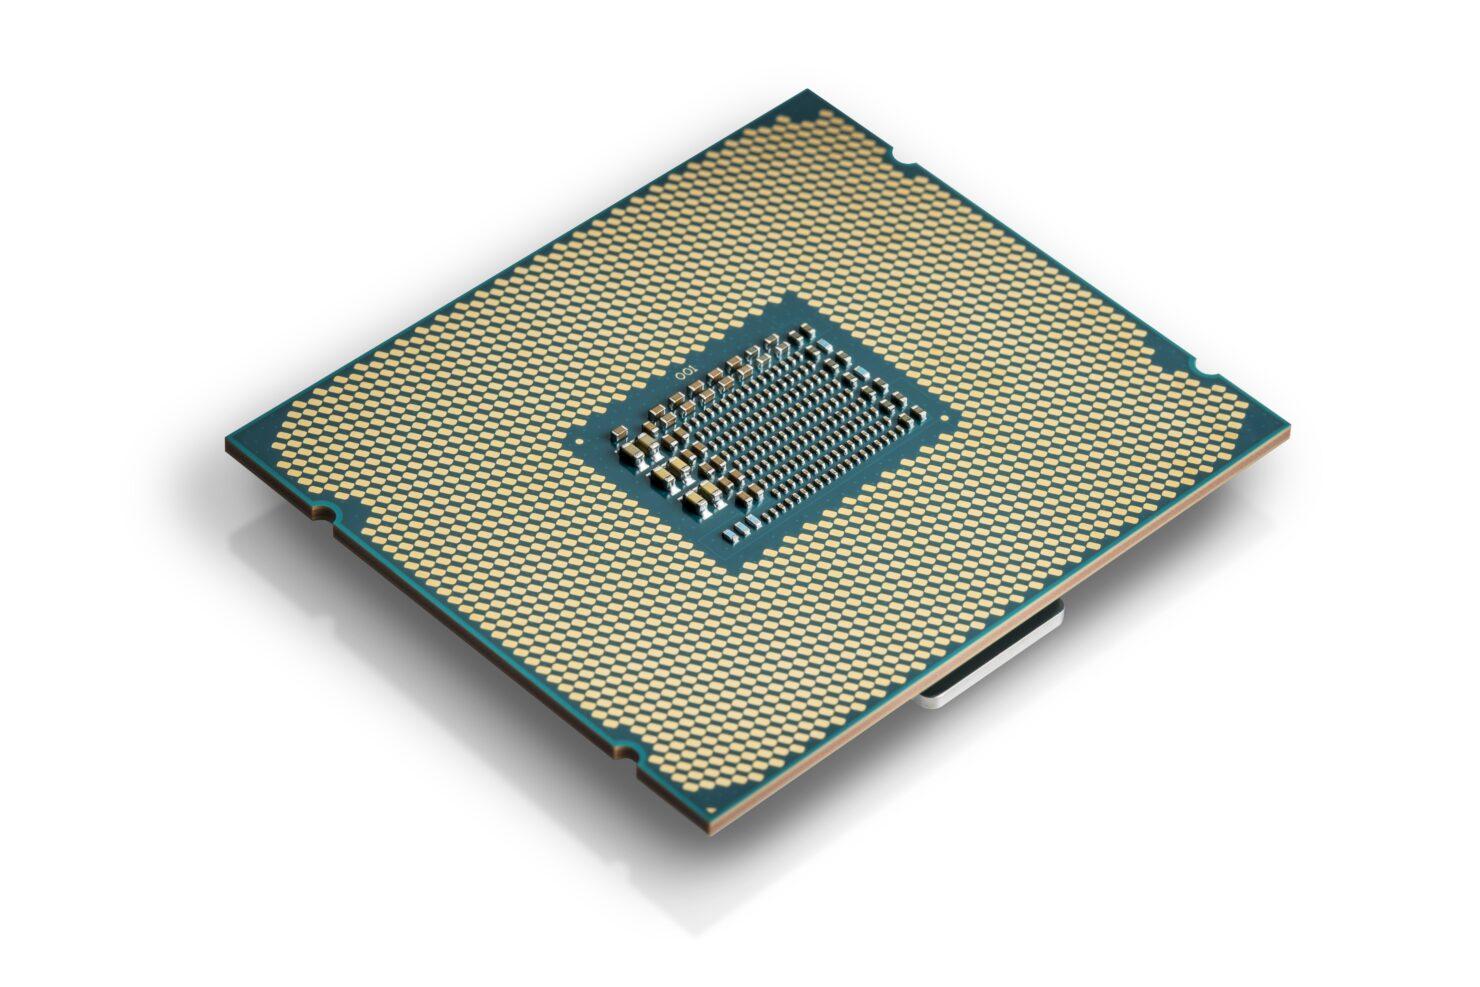 s-intel-core-x-series-processor-family-7